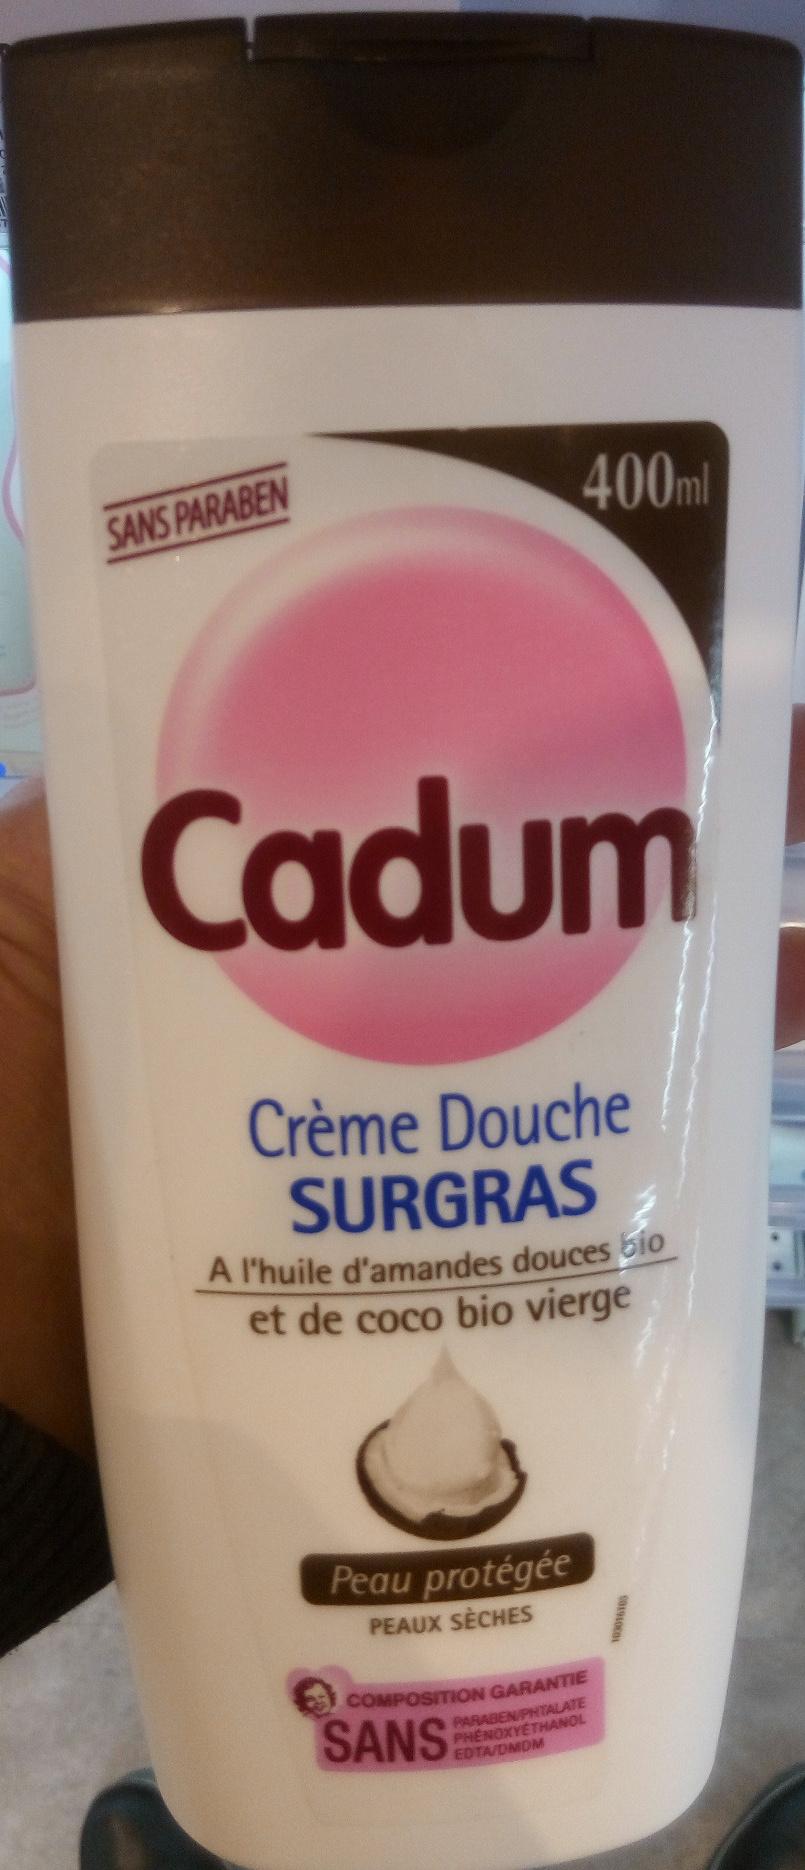 Crème douche surgras a l'huile d'amande douce bio et de coco bio vierge - Product - fr